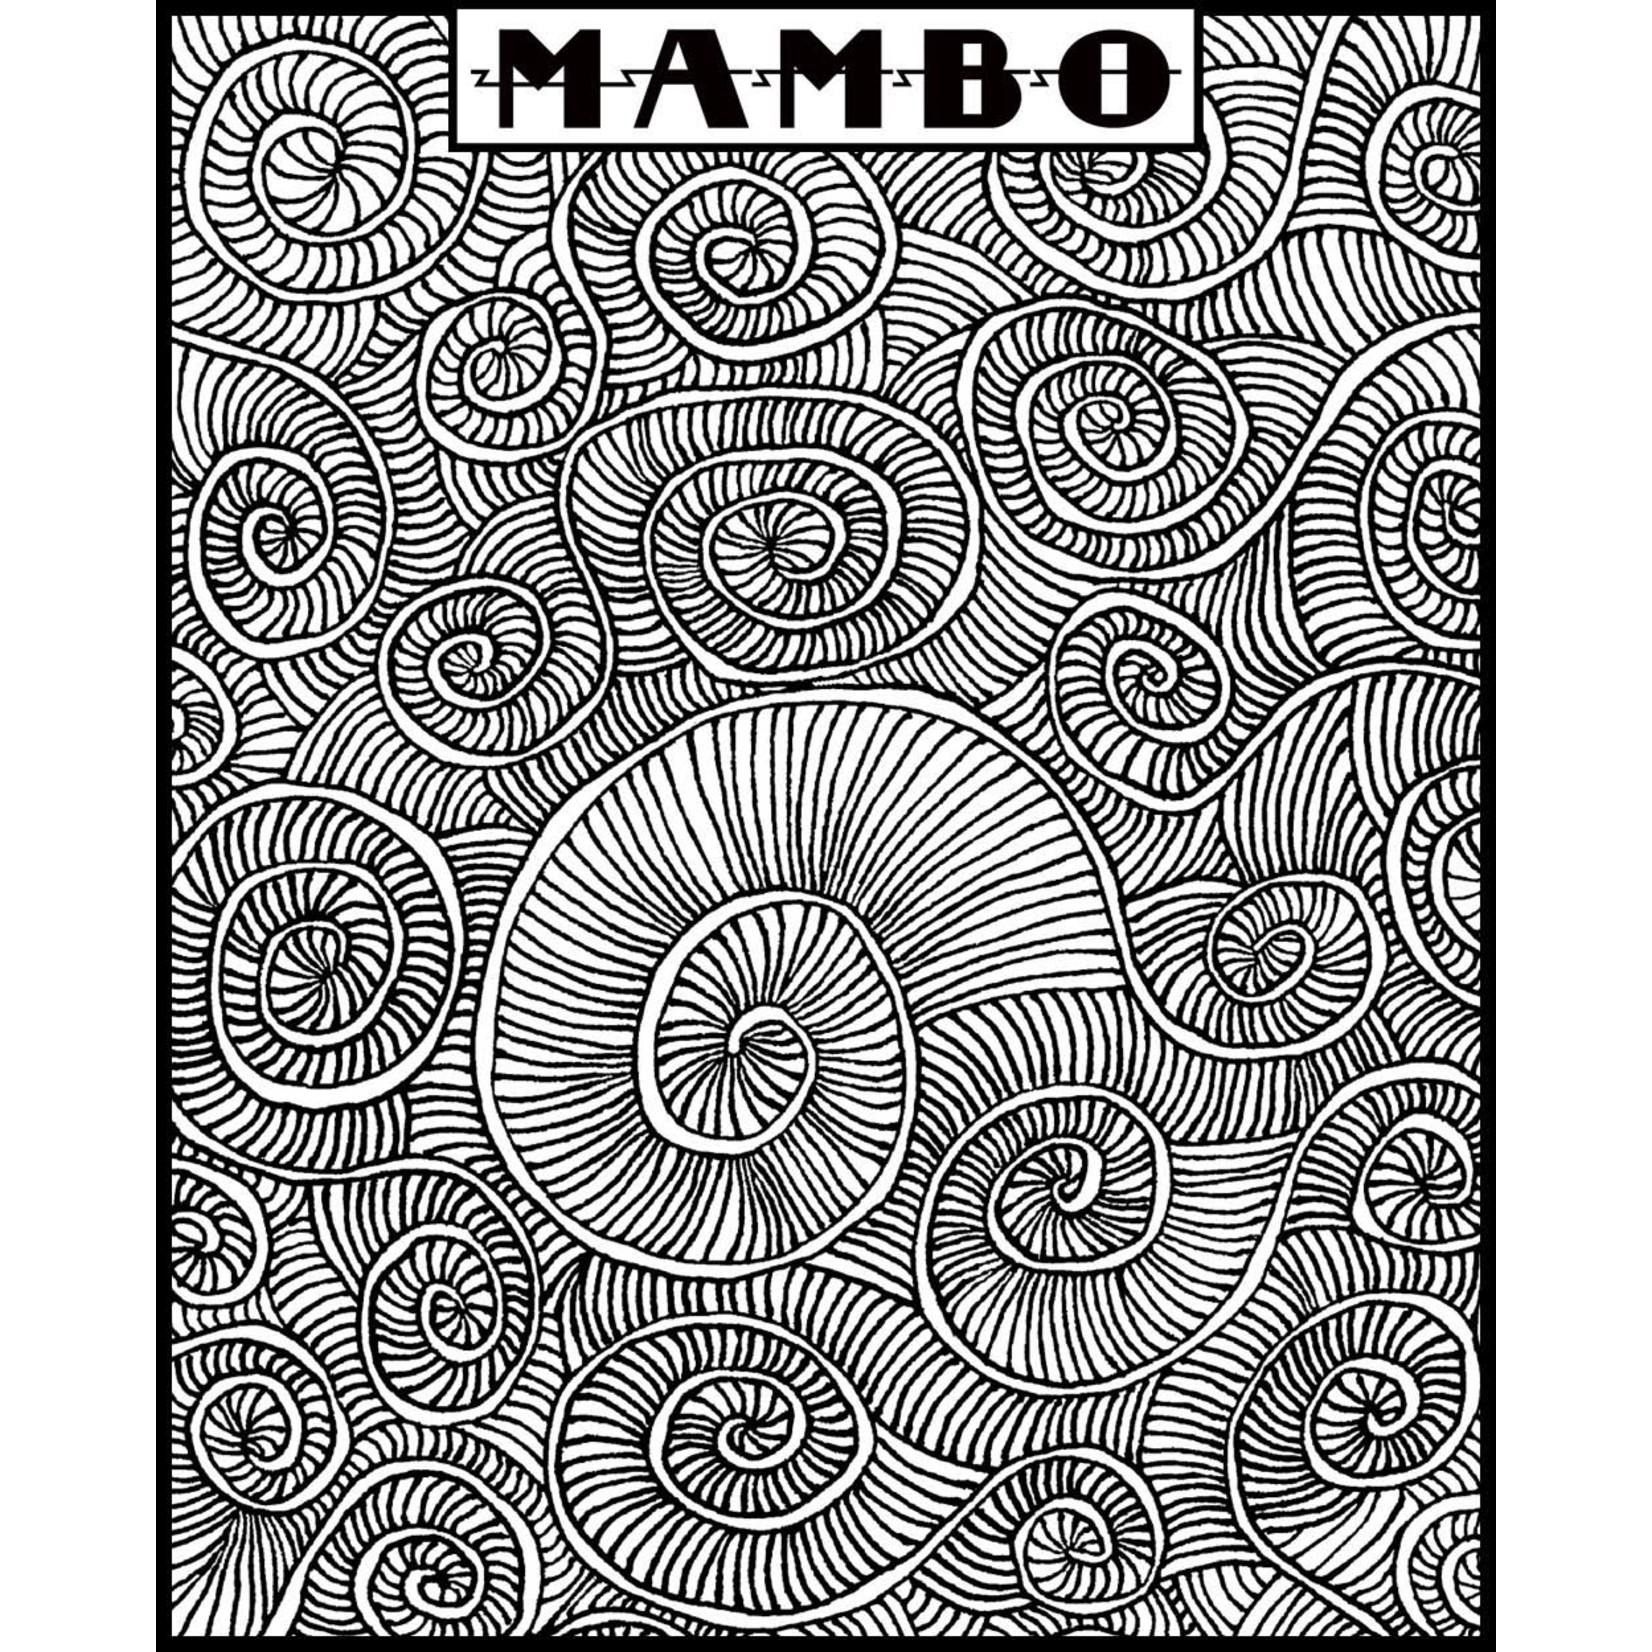 Helen Breil Texture Sheet: Mambo